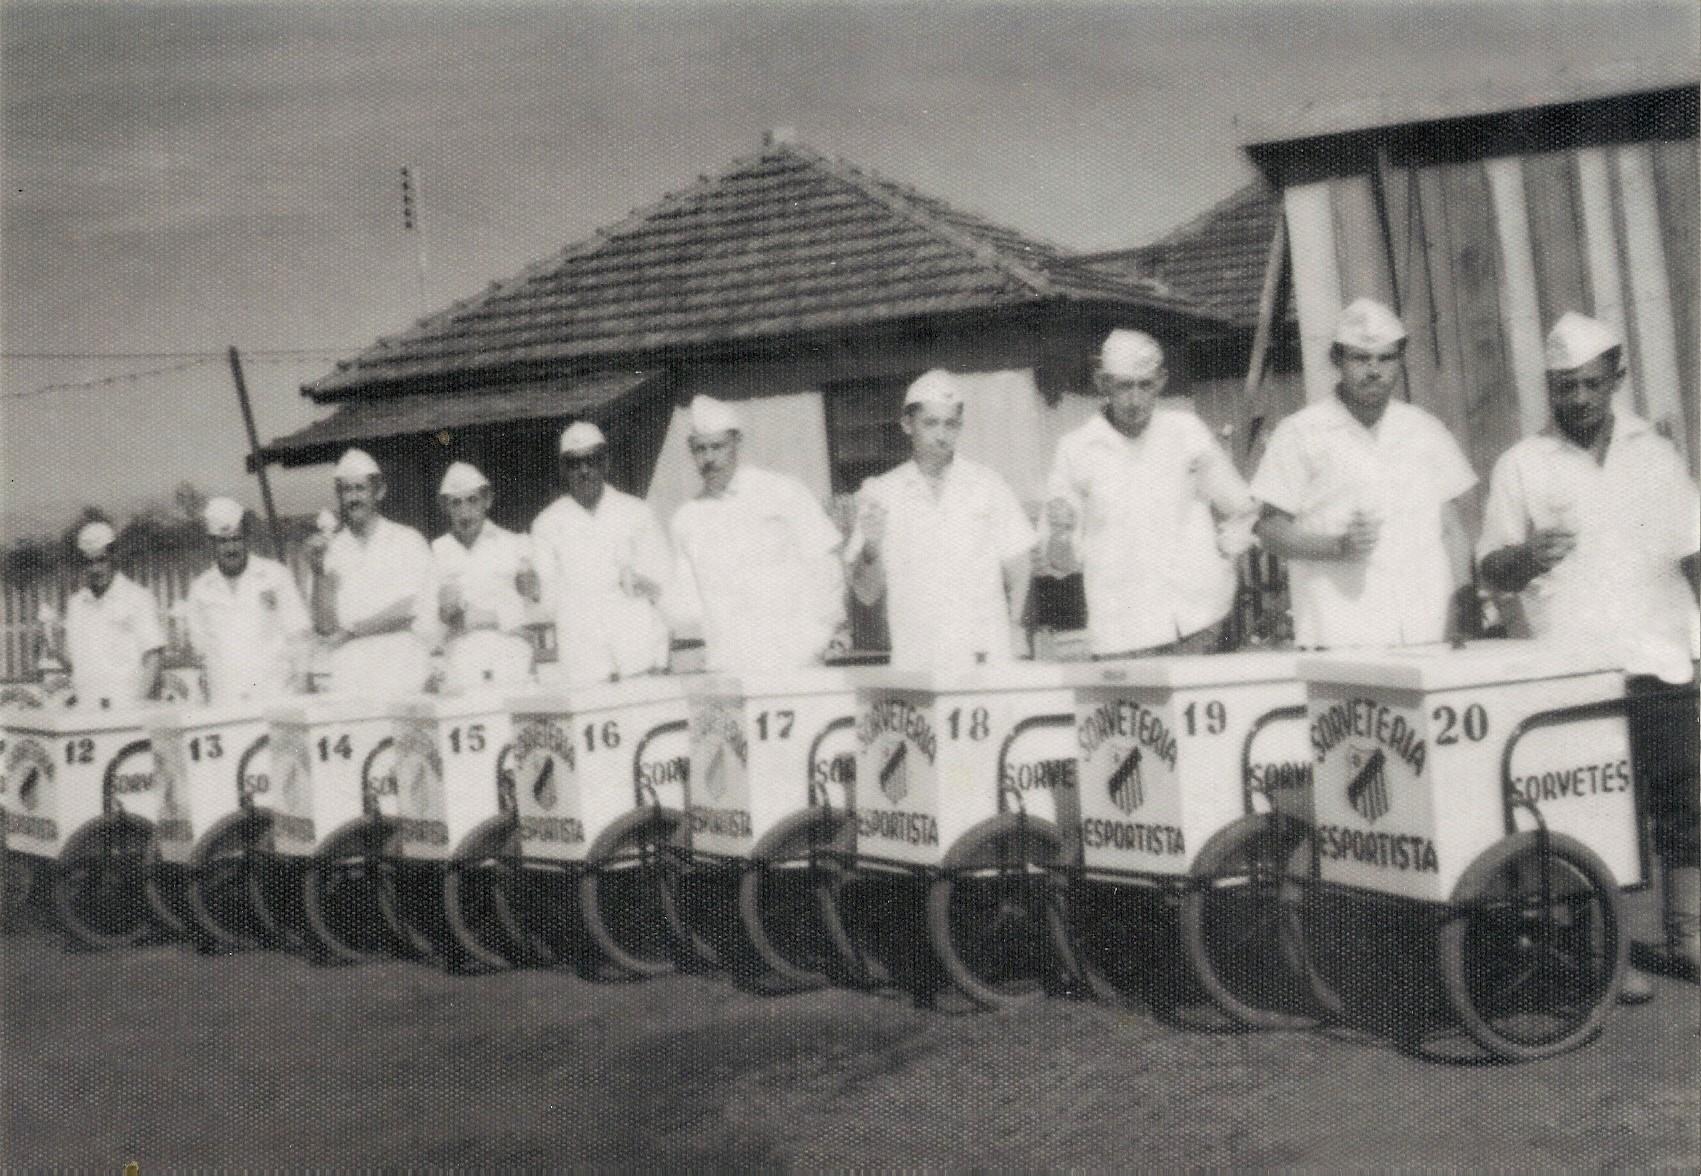 Sorveteria Esportista - Anos 1950